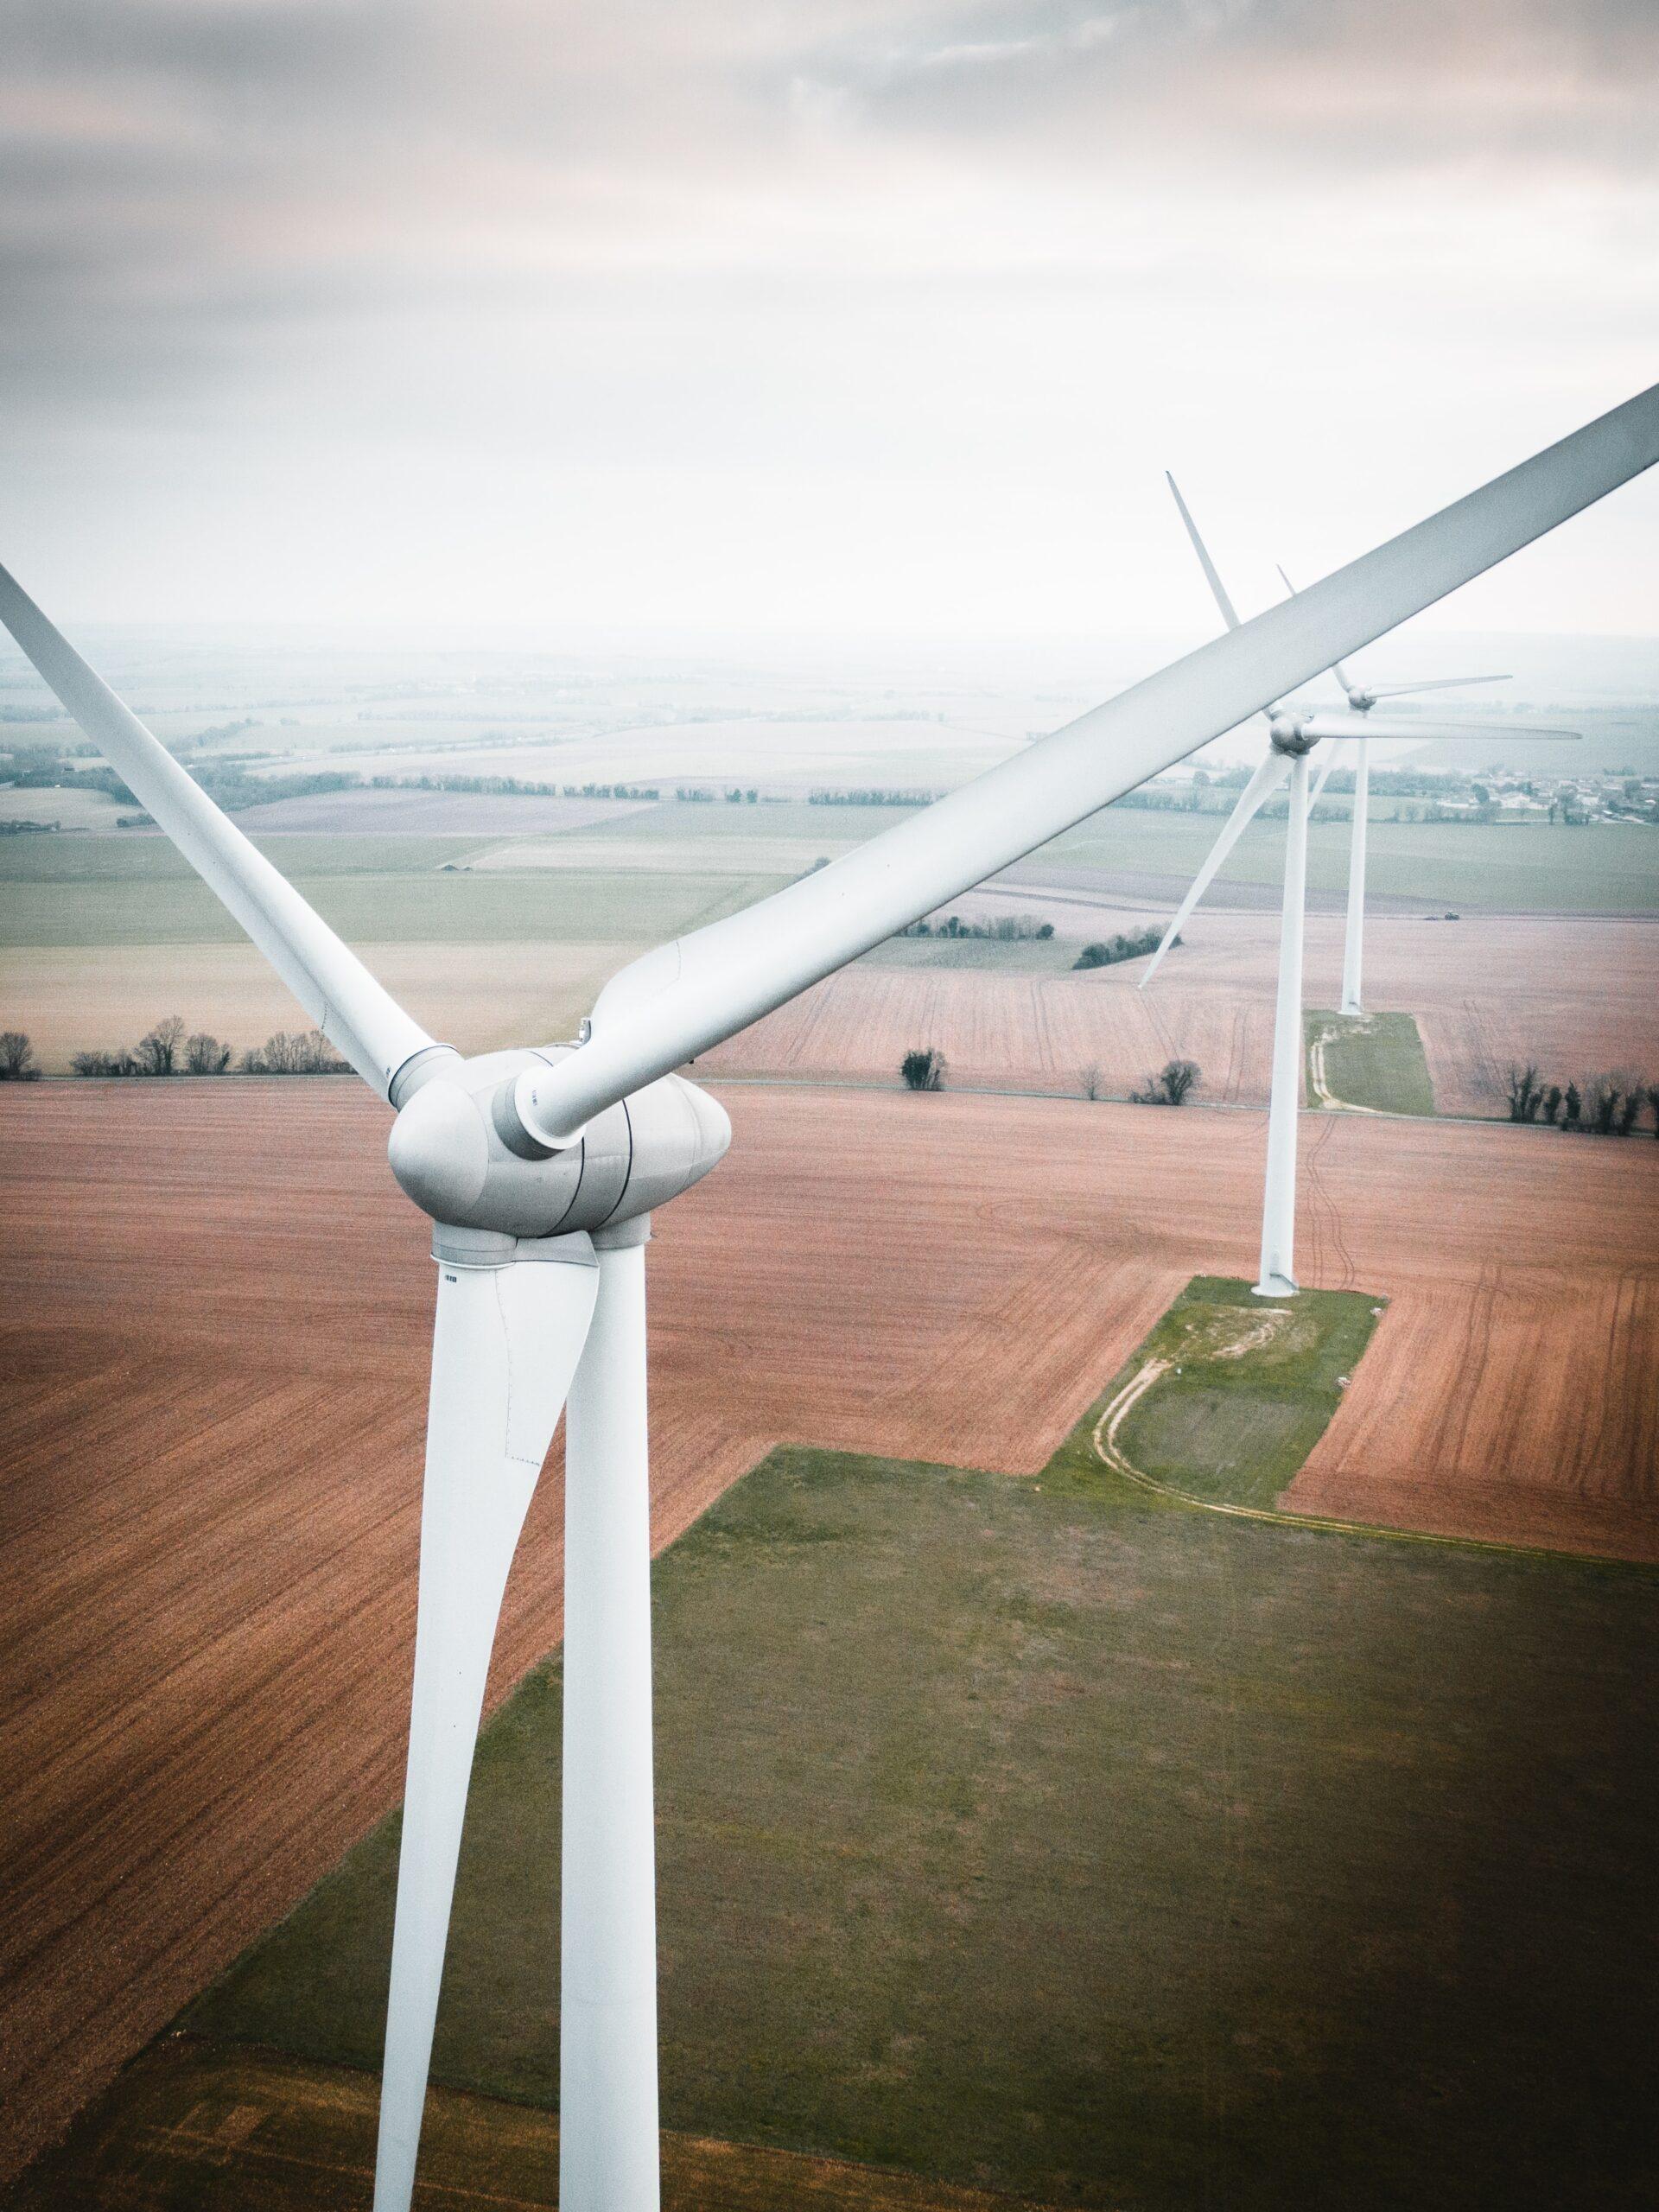 gonz-ddl-Wind Turbines up close-unsplash